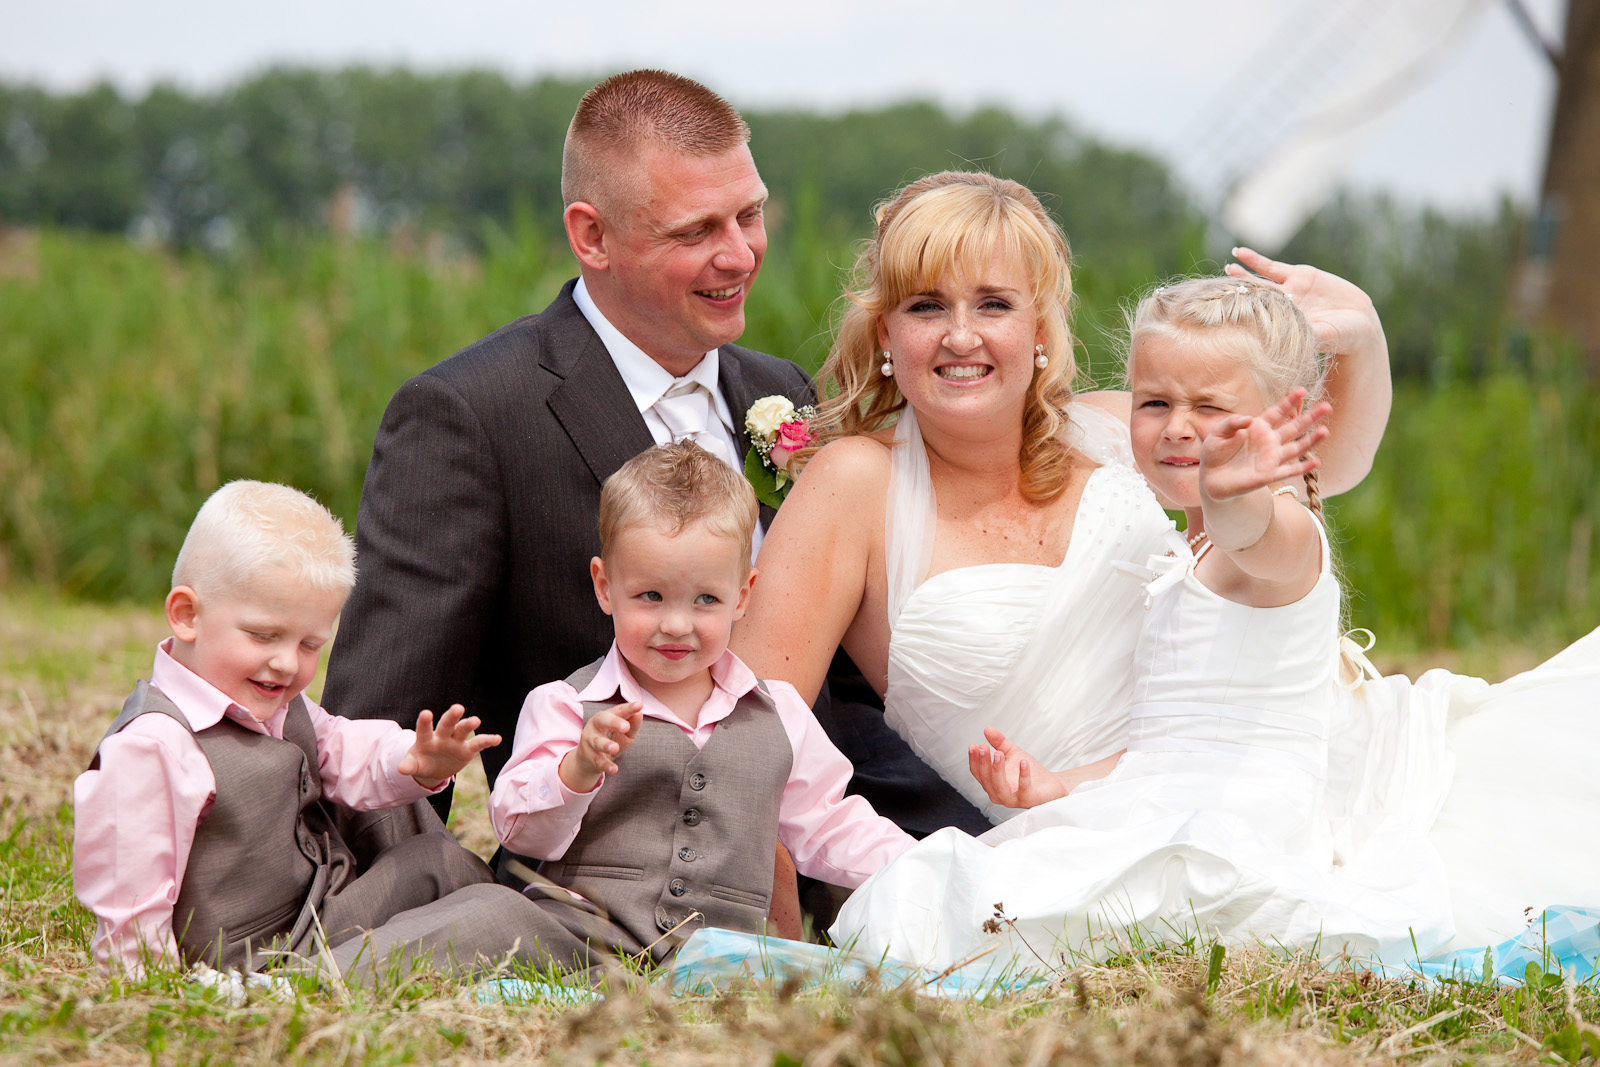 trouwshoot-bruidsfotografie-trouwfoto-feestfotografie-trouwreportage-Alex en Evelyn532.jpg